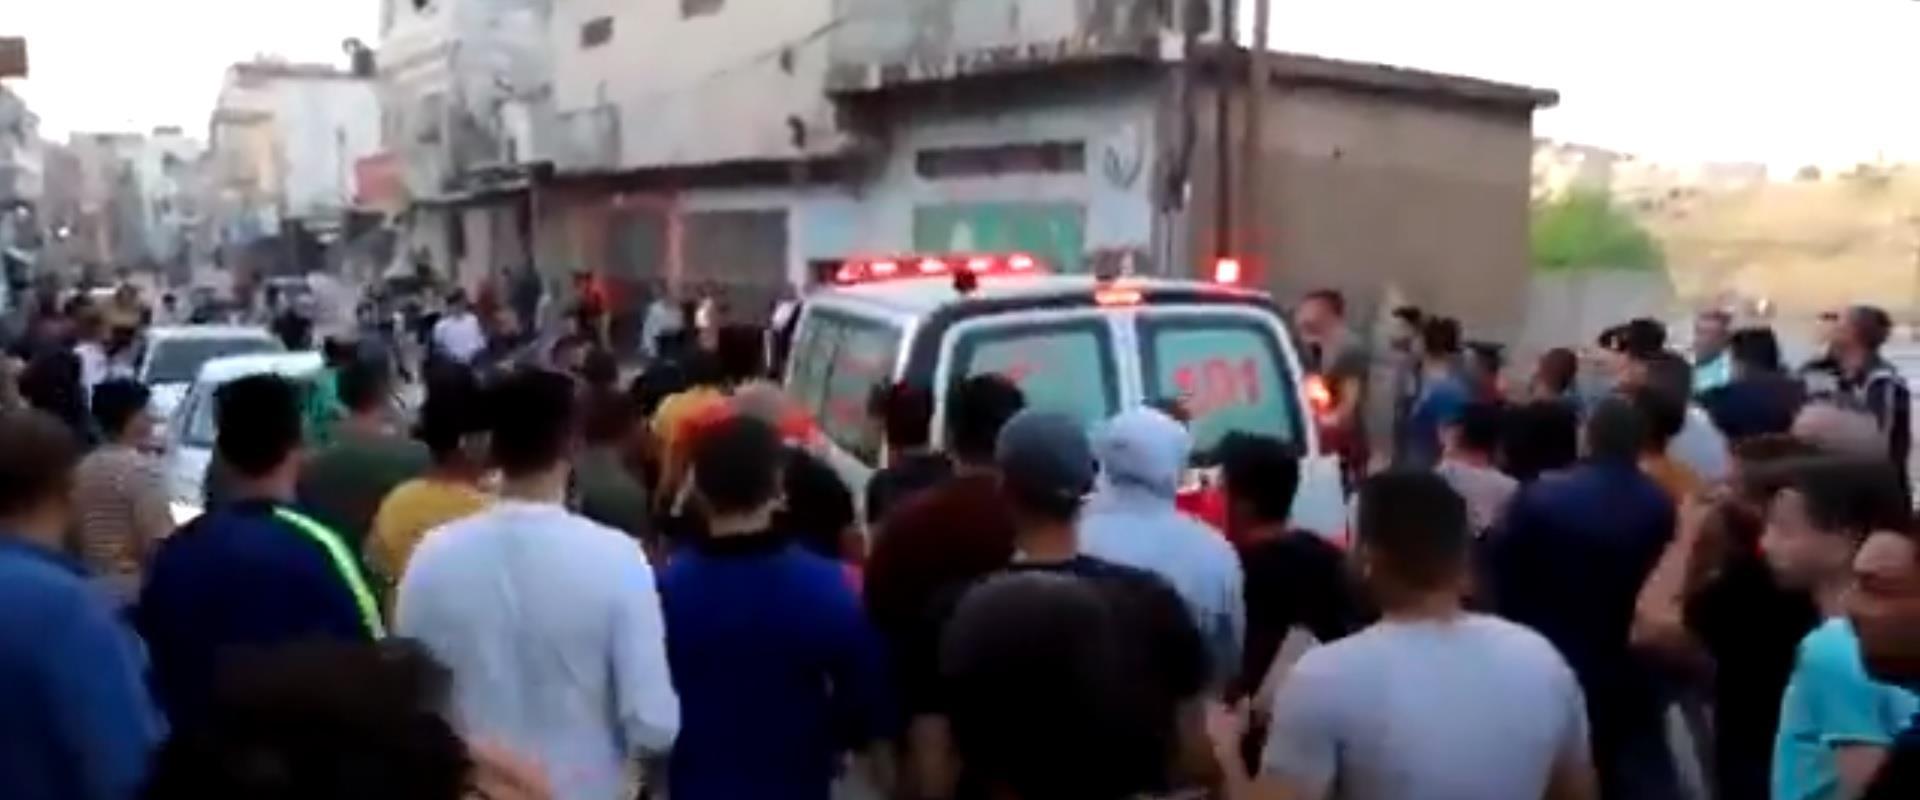 תיעוד פלסטיני מפינוי הפצועים